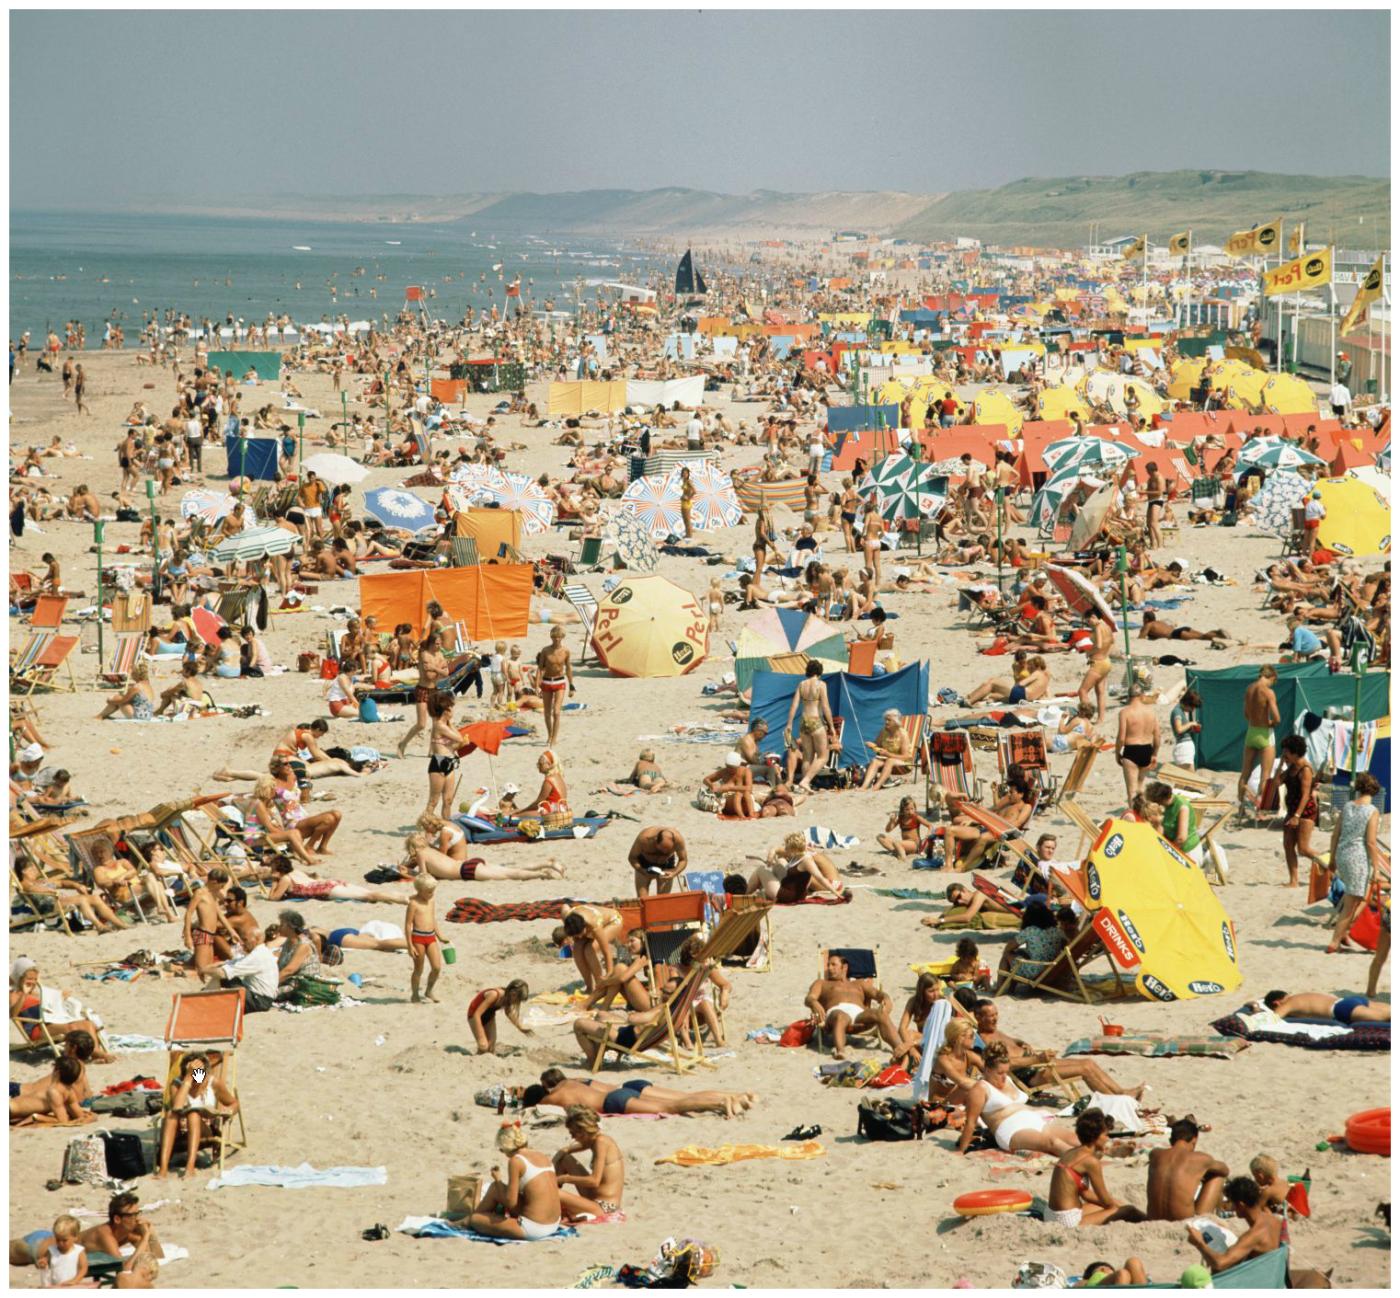 strand-scheveningen-photo-kees-sherer-b